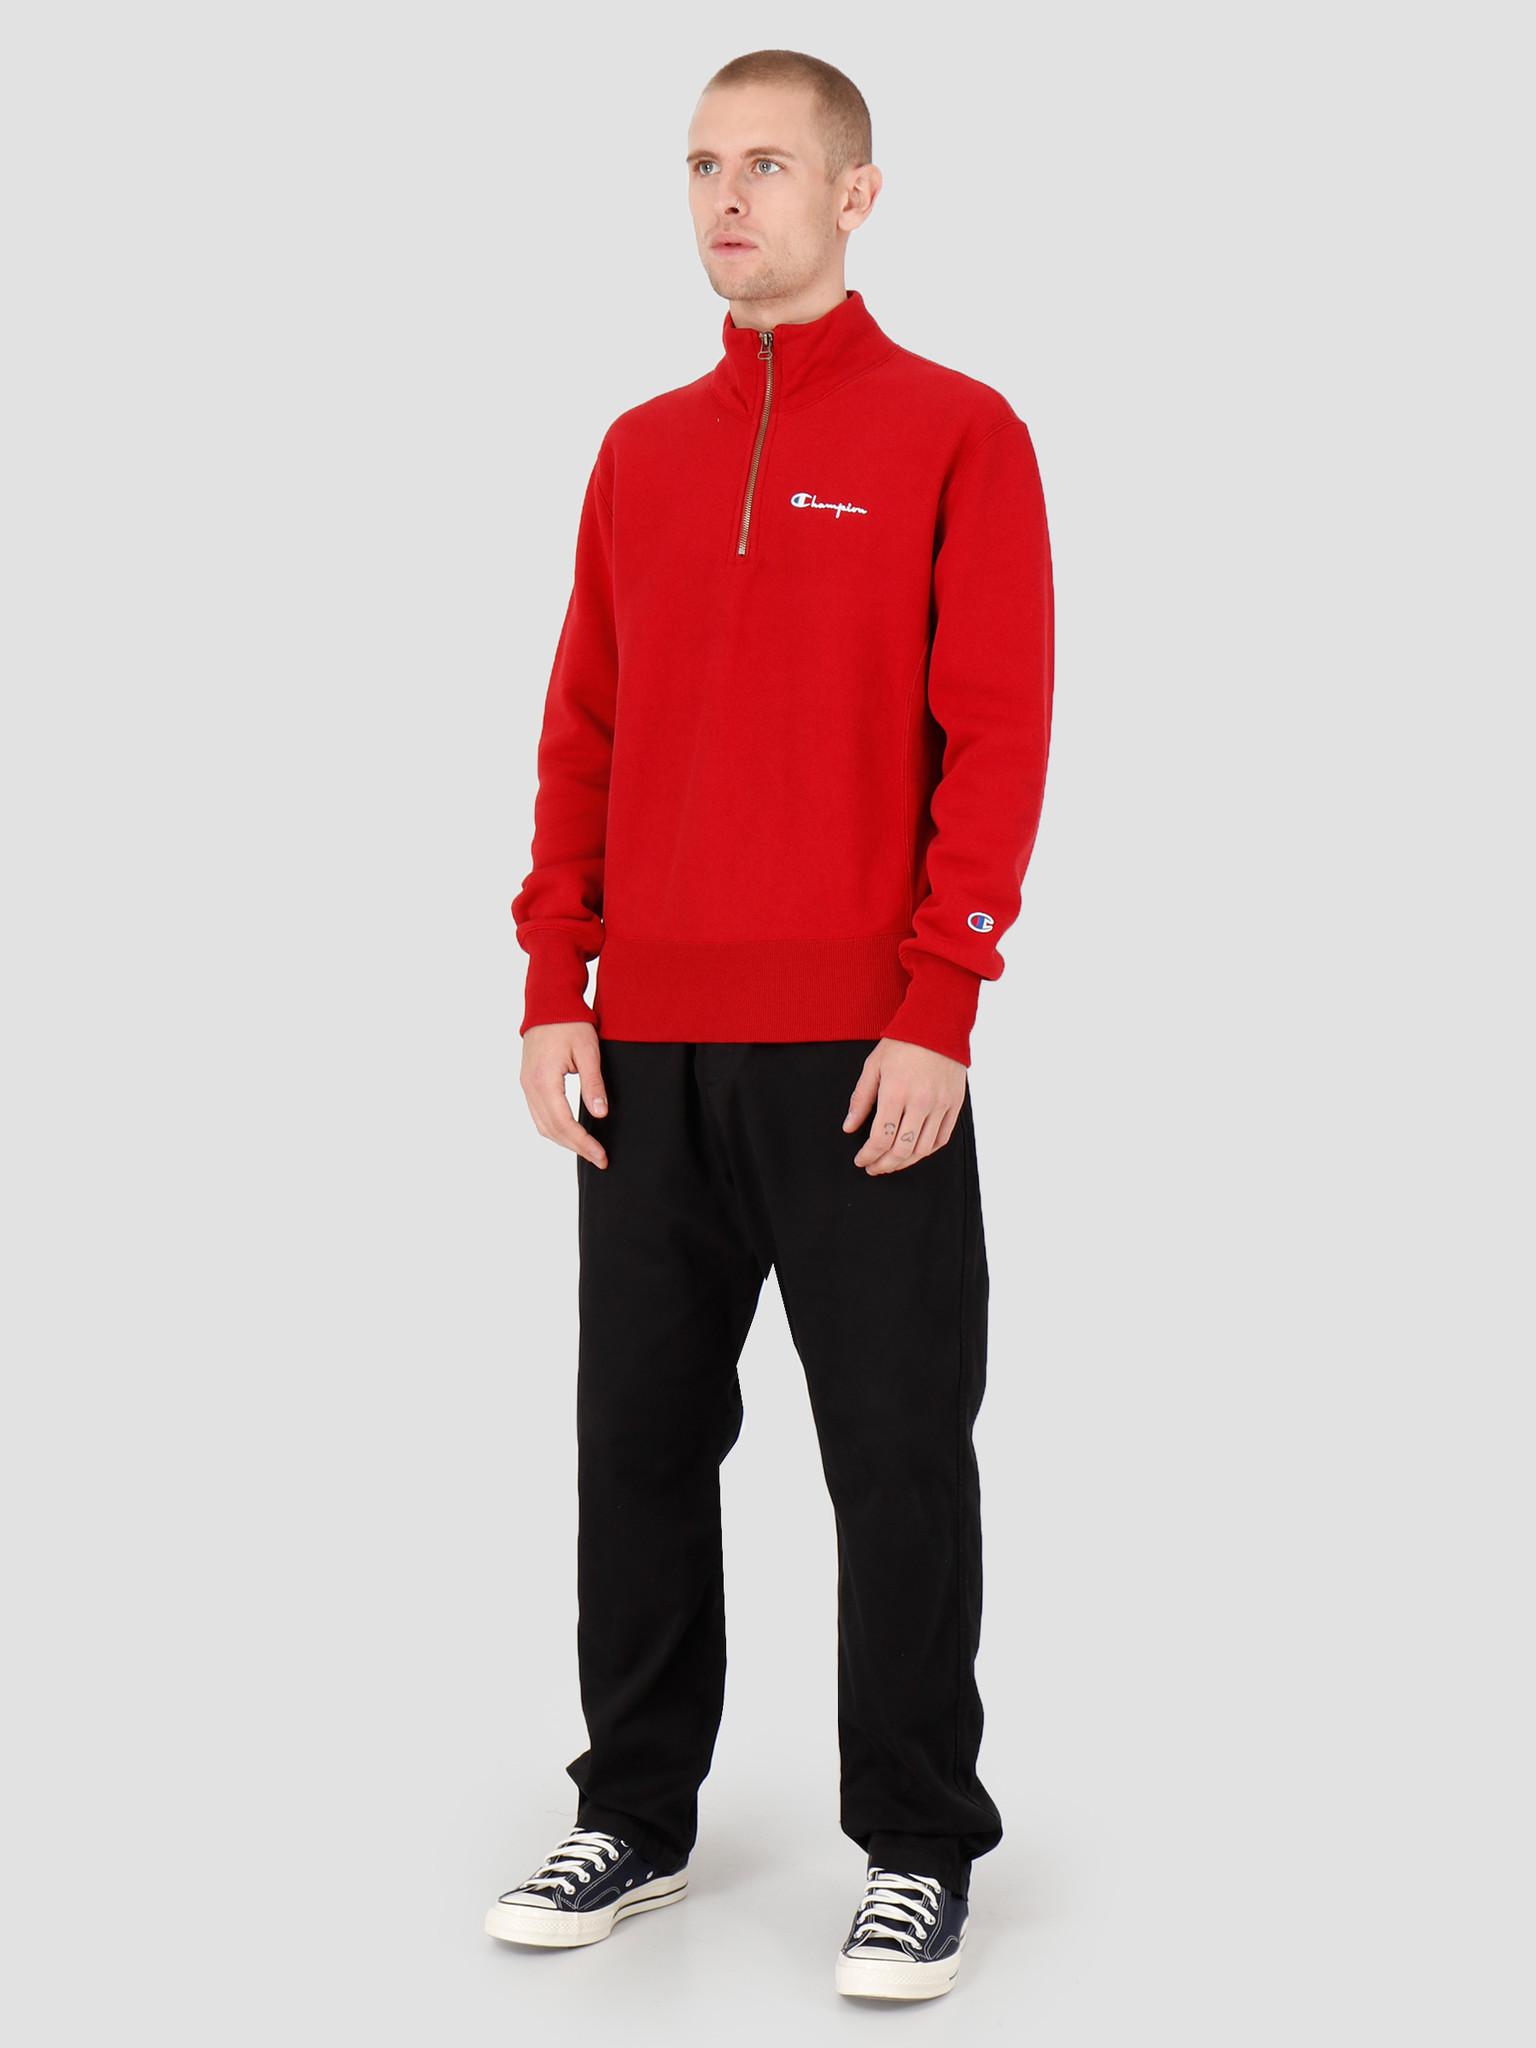 Champion Champion Half Zip Sweatshirt RDD 214051